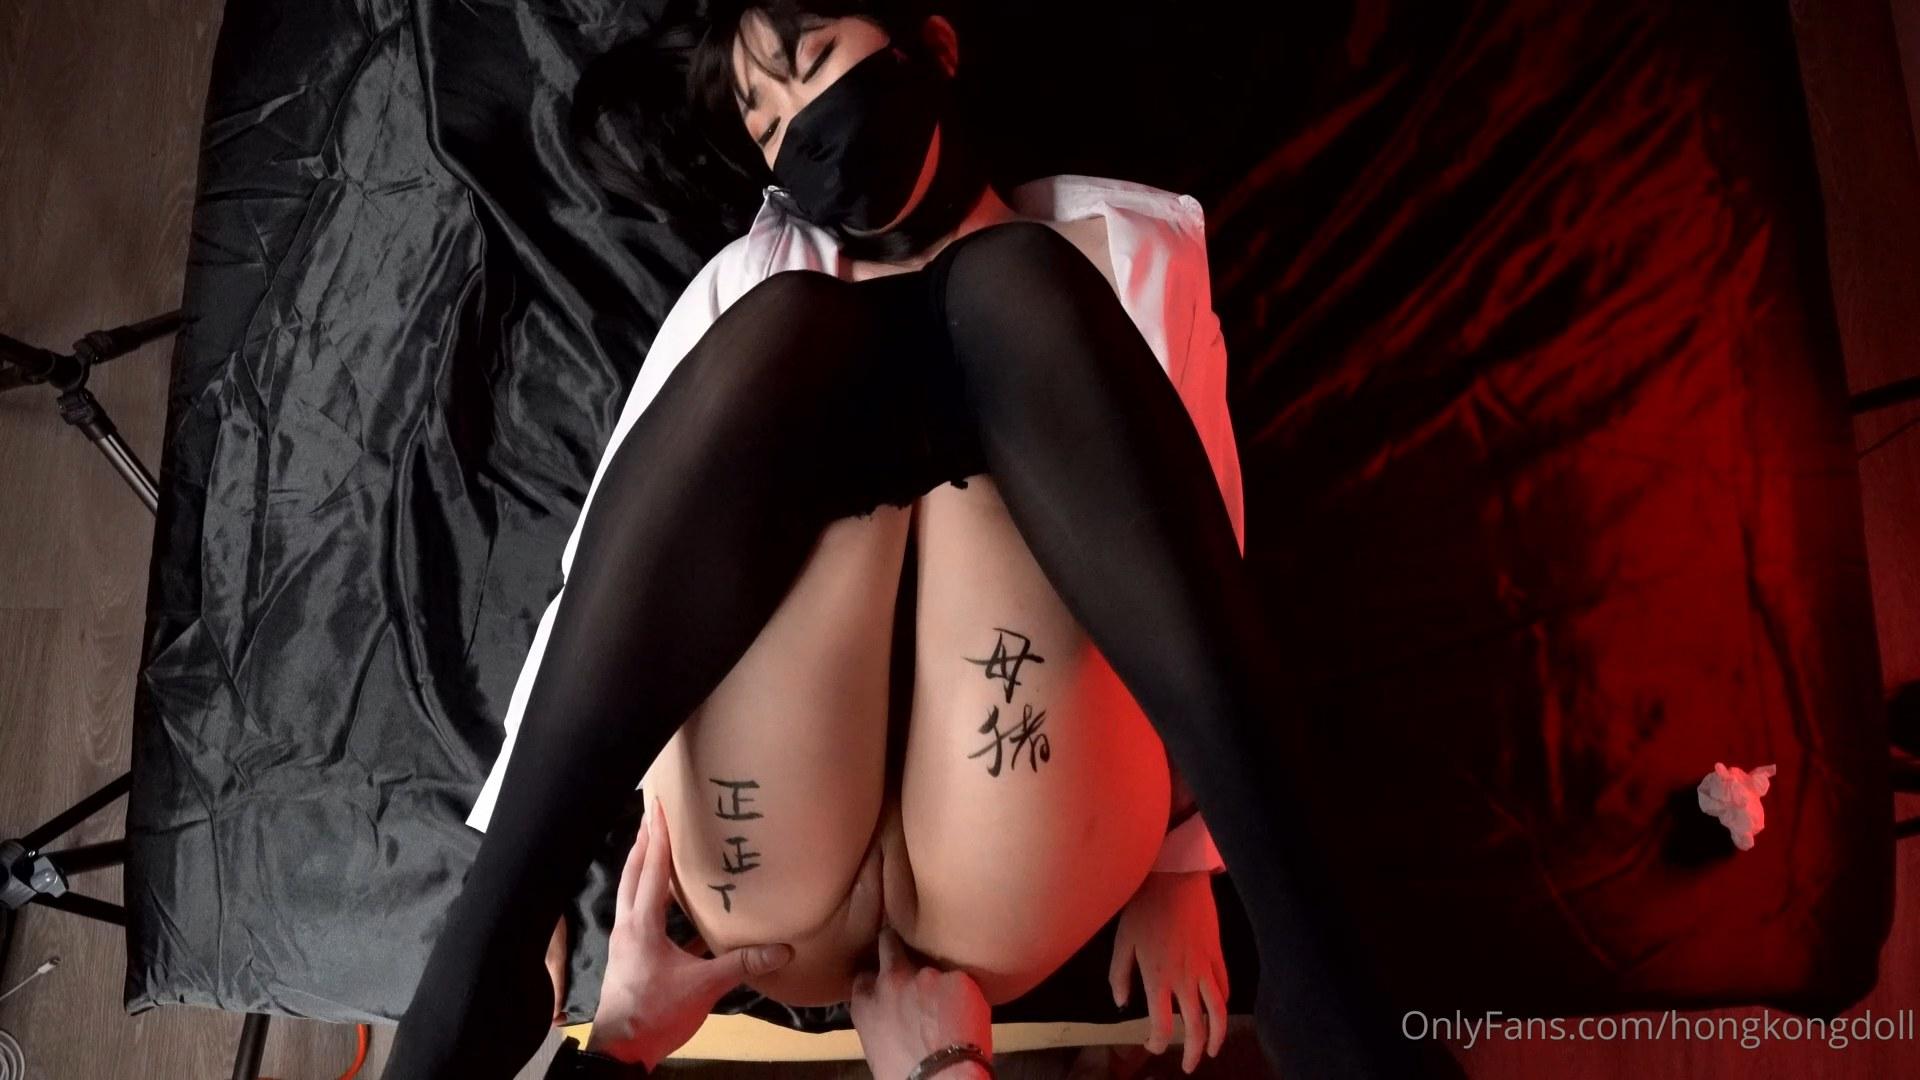 极品女神『香港美少女』JK蛇喰梦子的陨落,未尝一败玩骰子输后成了性奴,结局意想不到高清 公共场所露出-第7张